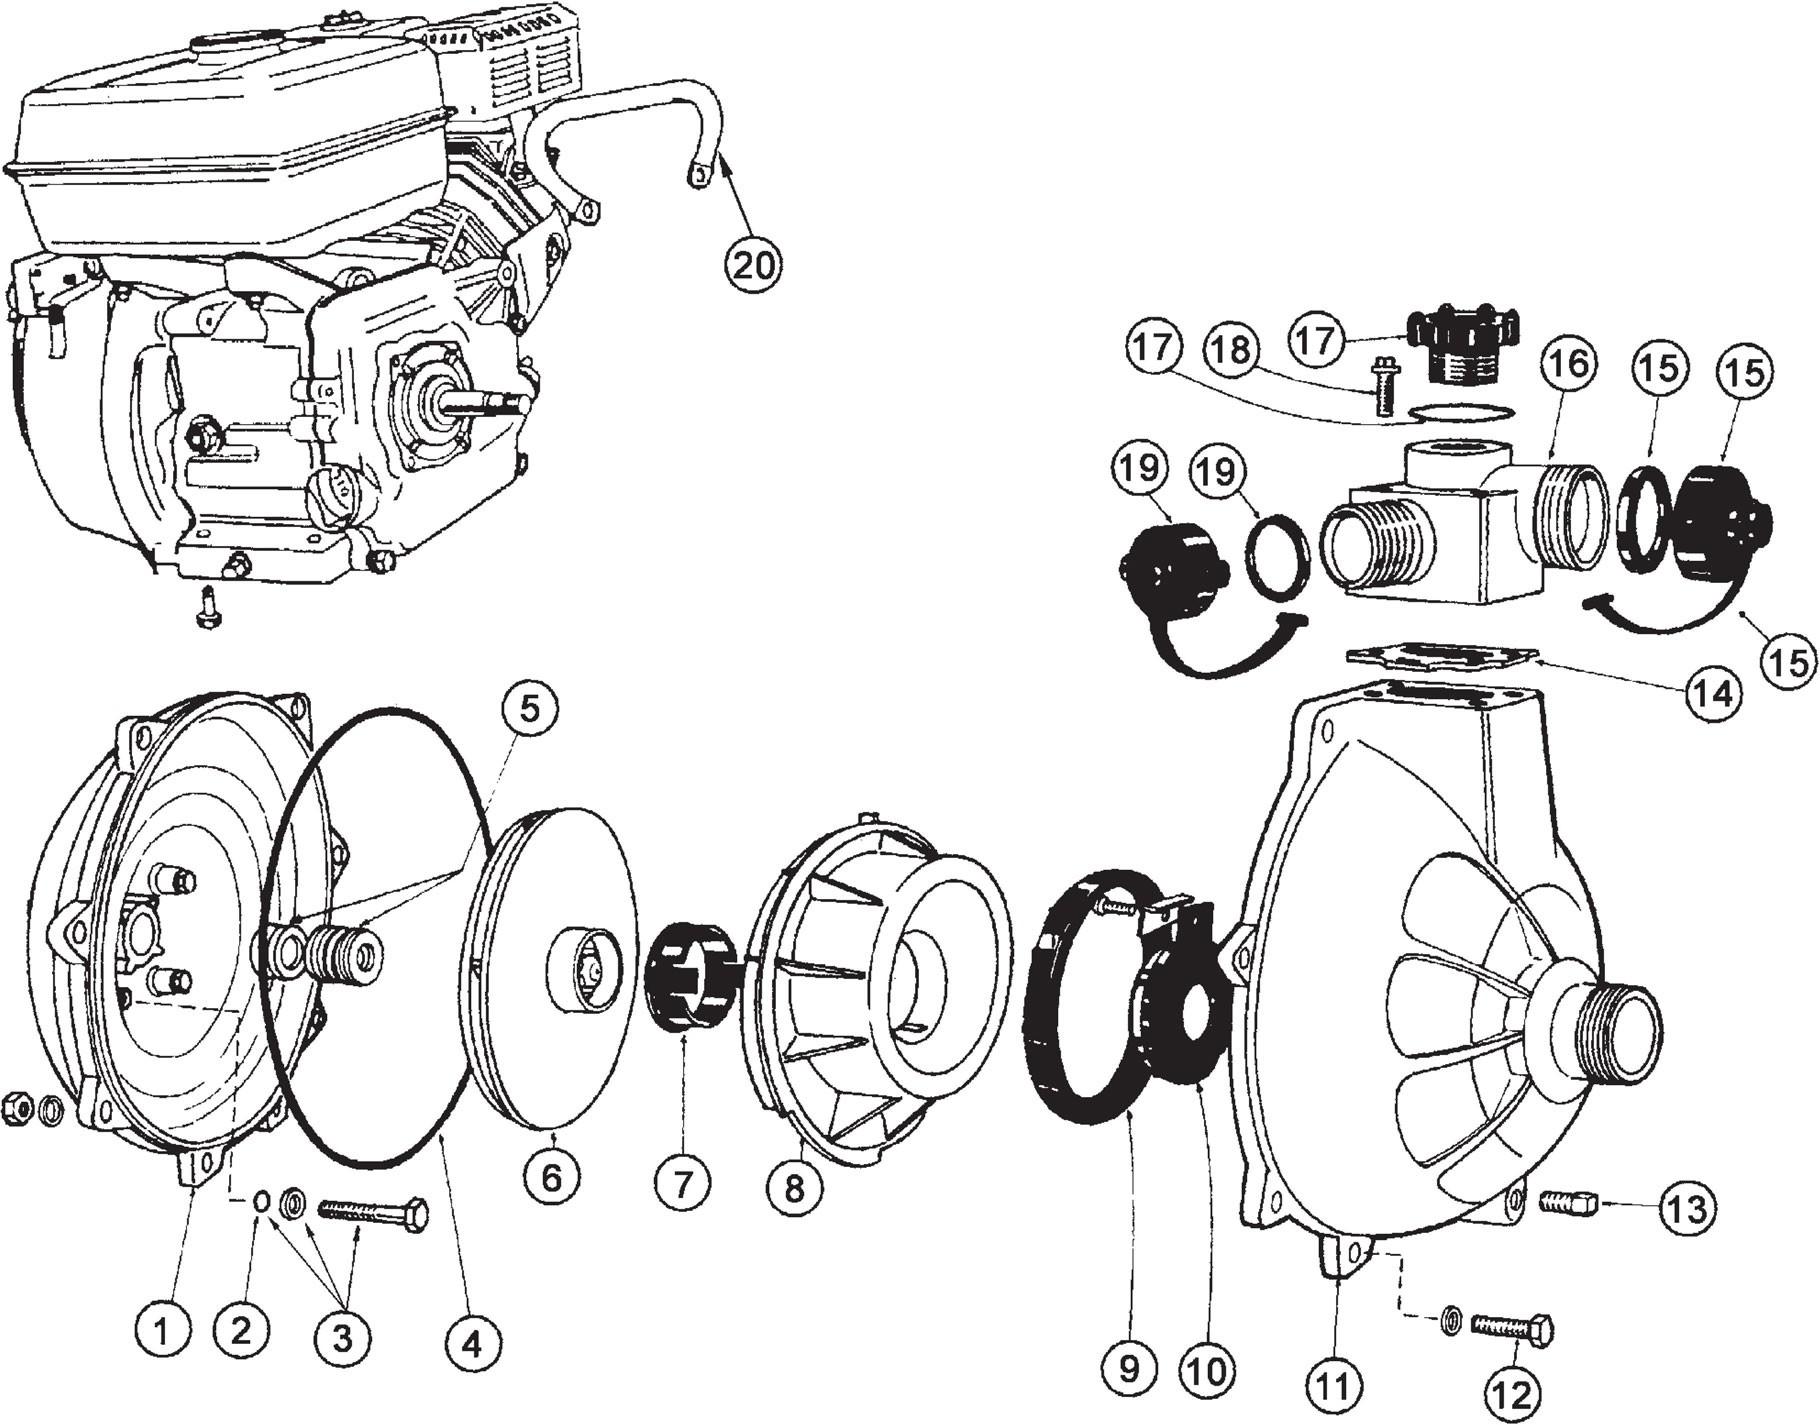 Honda 300 Fourtrax Parts Diagram 400ex Starter Solenoid Wiring For 2001 Davey 931 Pump Spares Breakdown Bidgee Pumps Irrigation Your Of